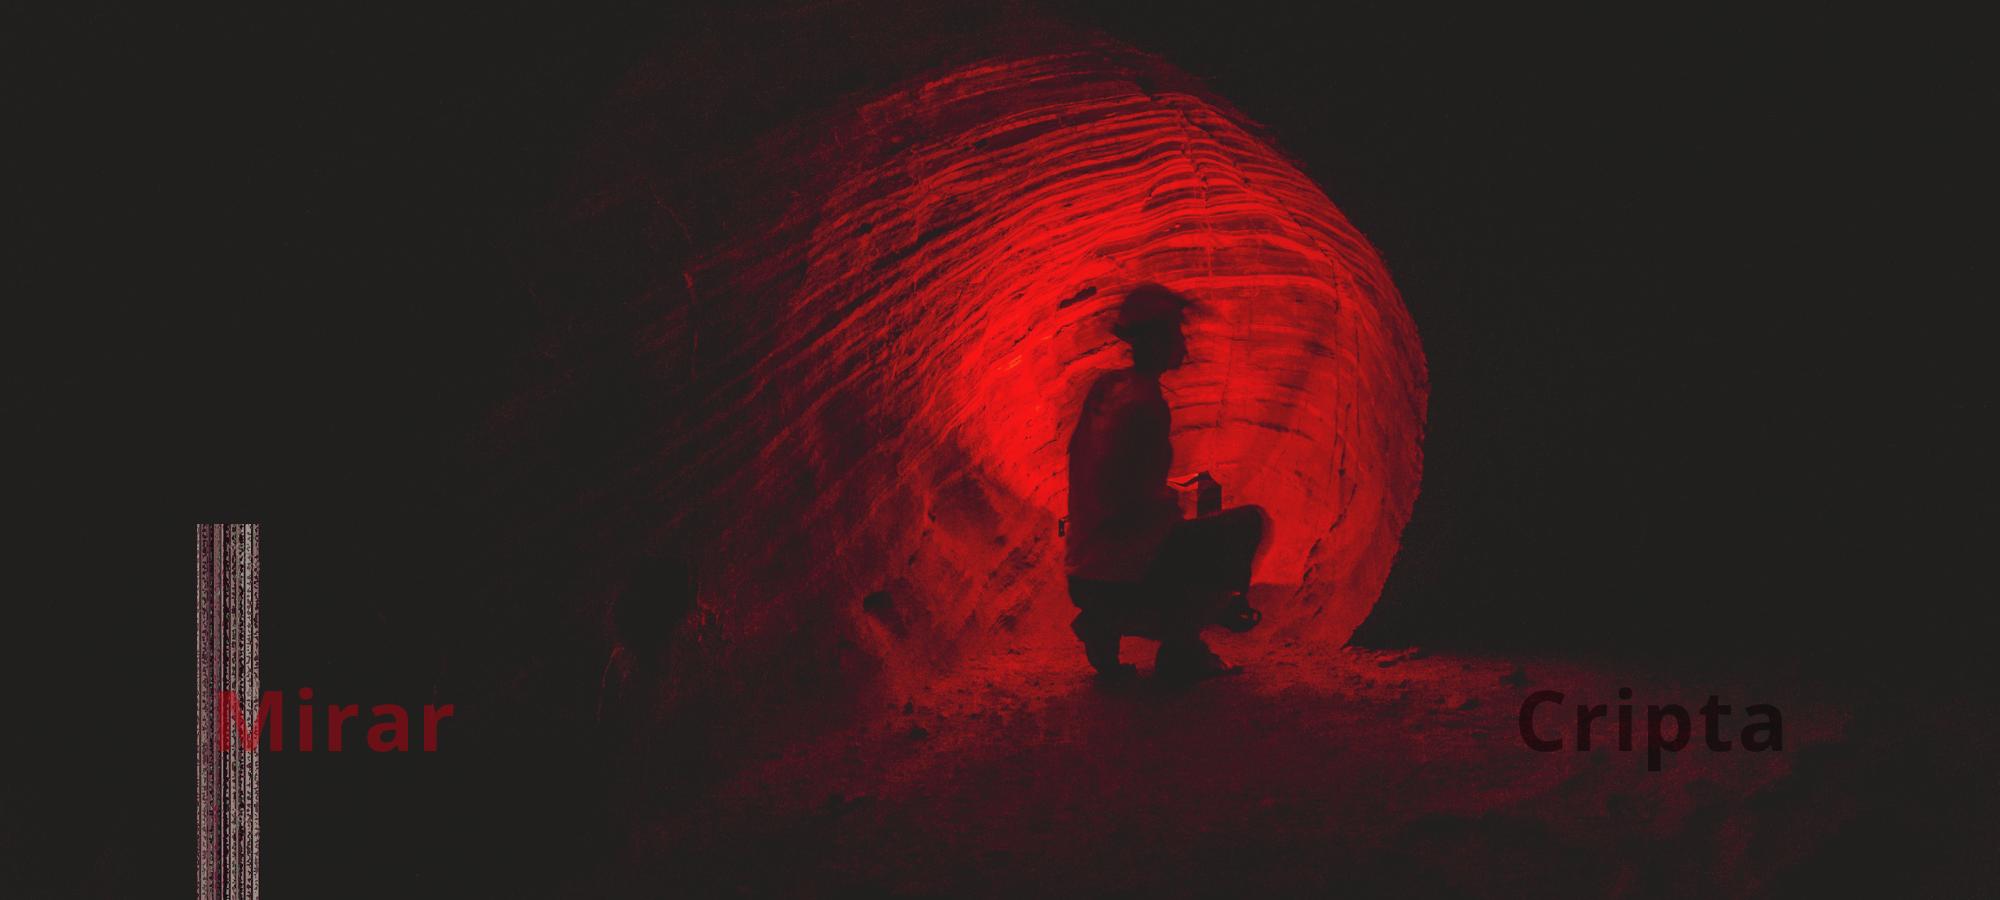 Mirar cripta